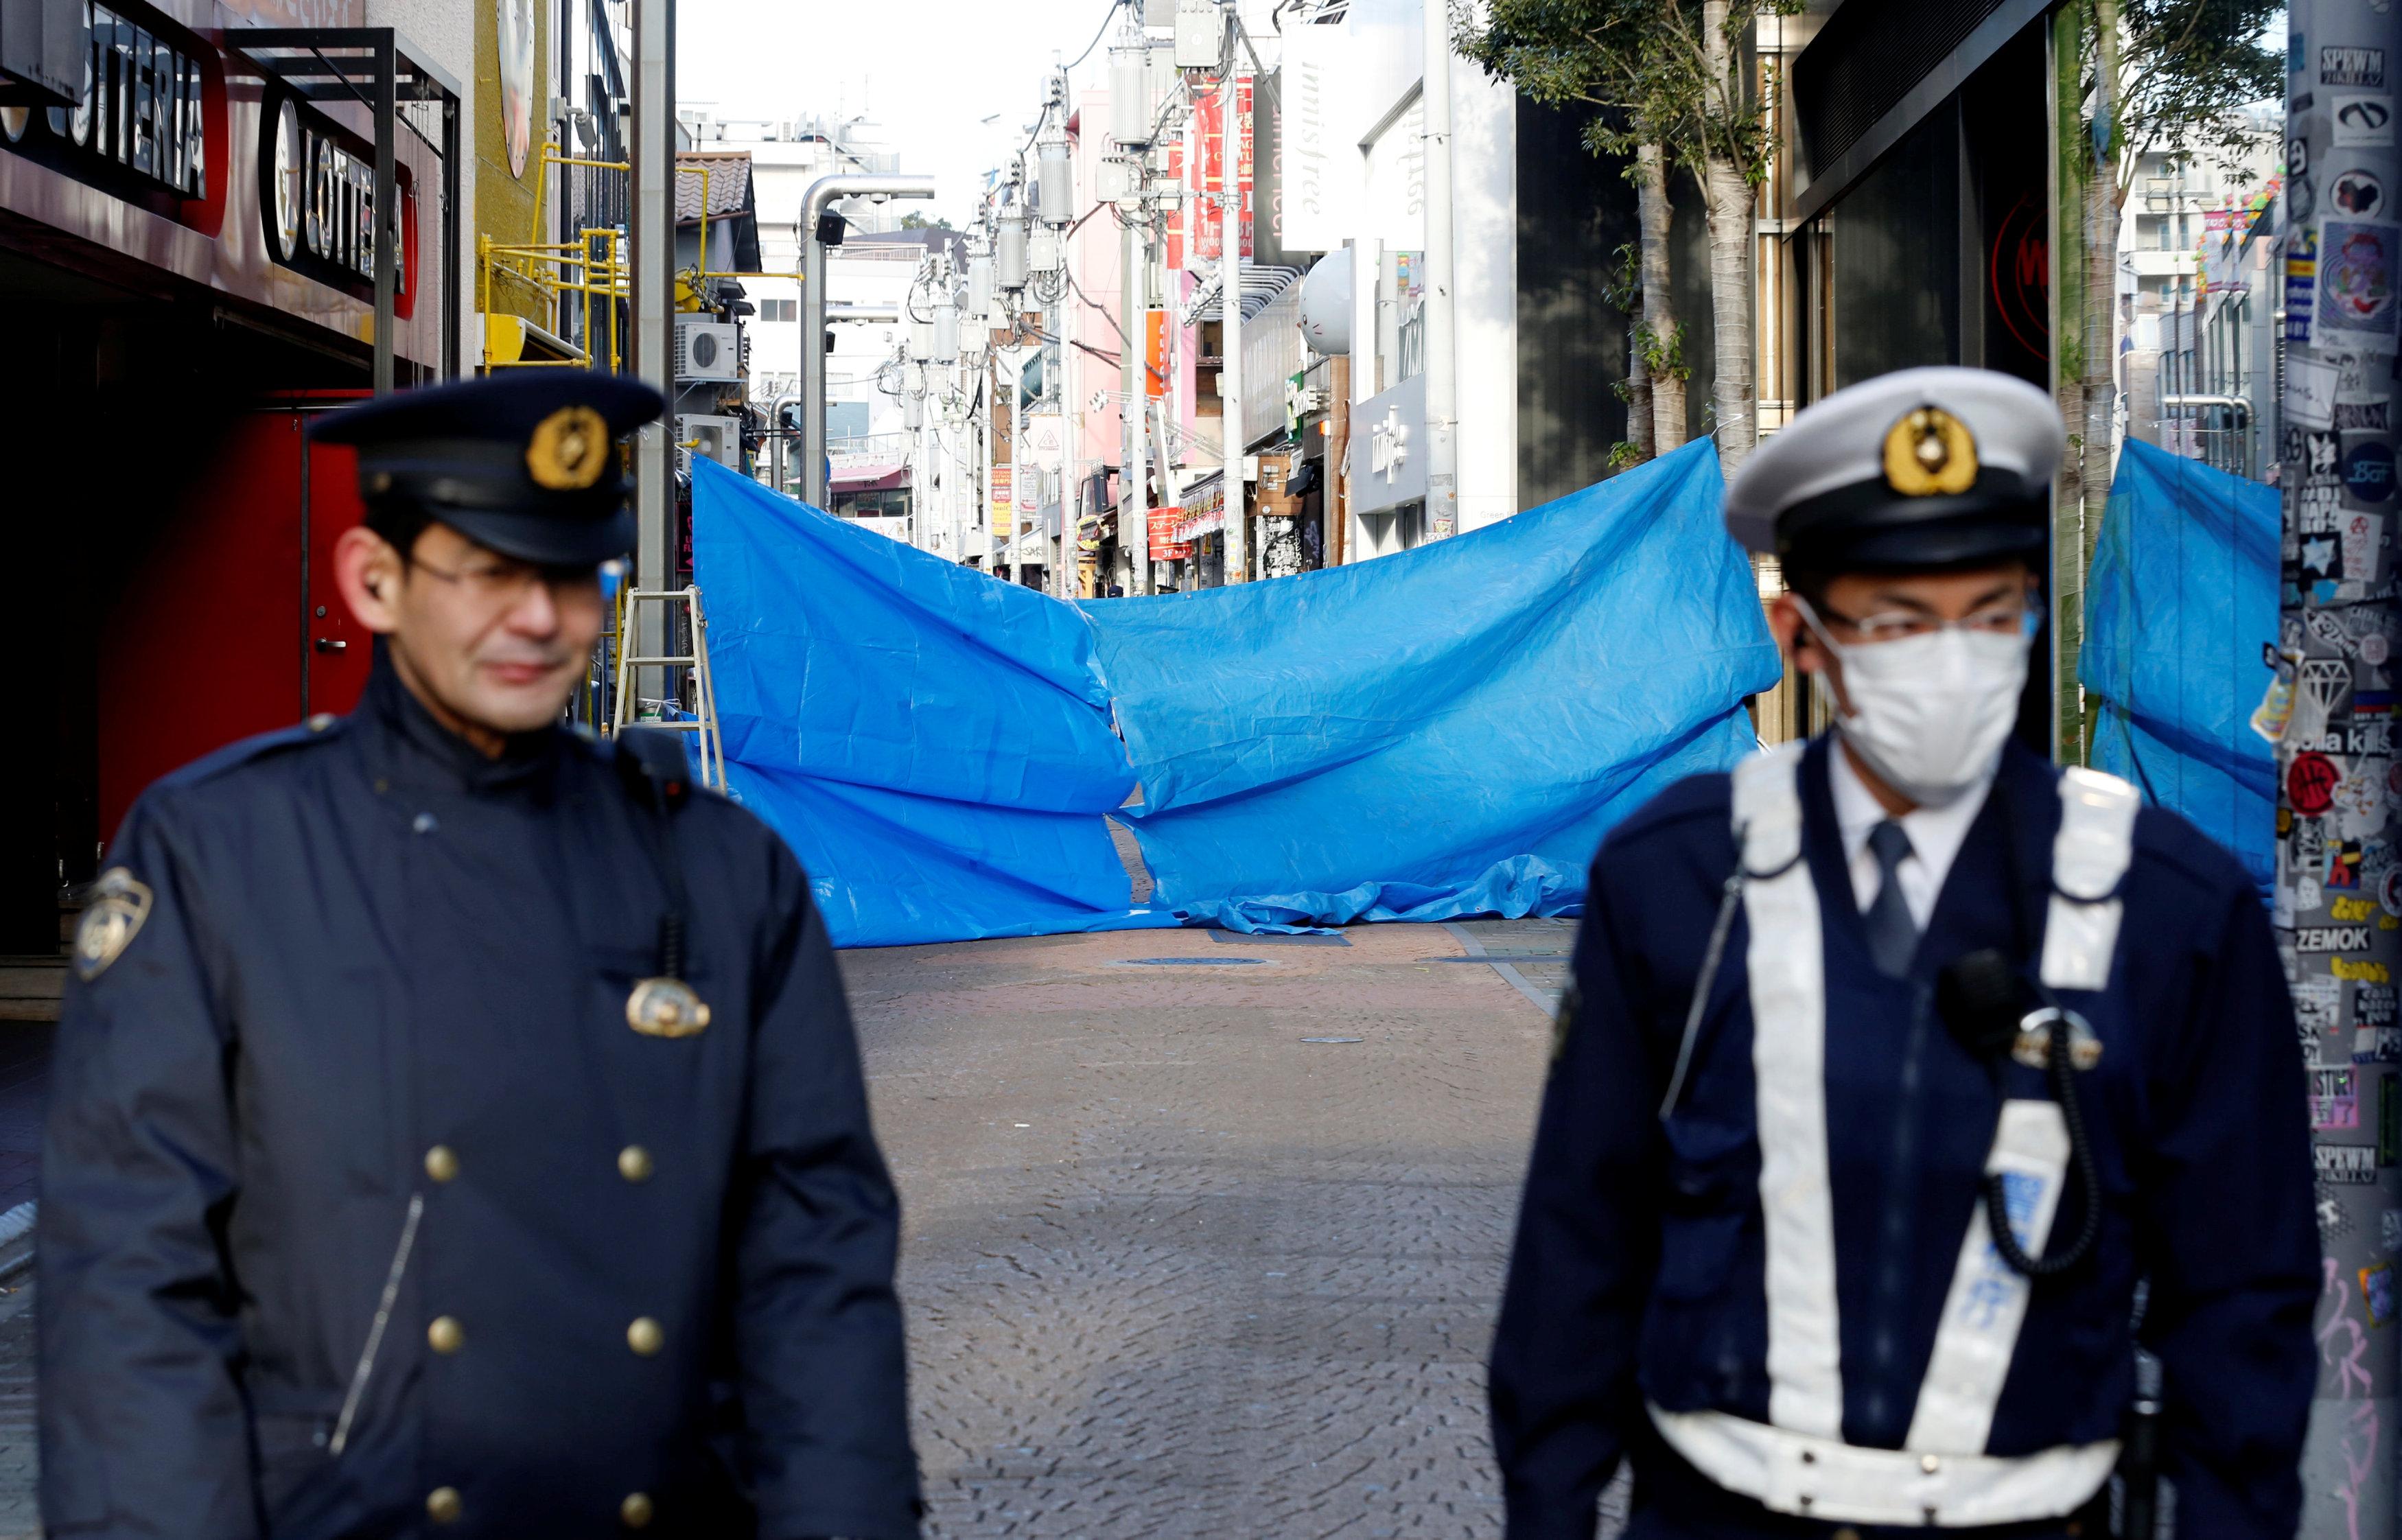 الشرطة اليابانية بجوار الحادث